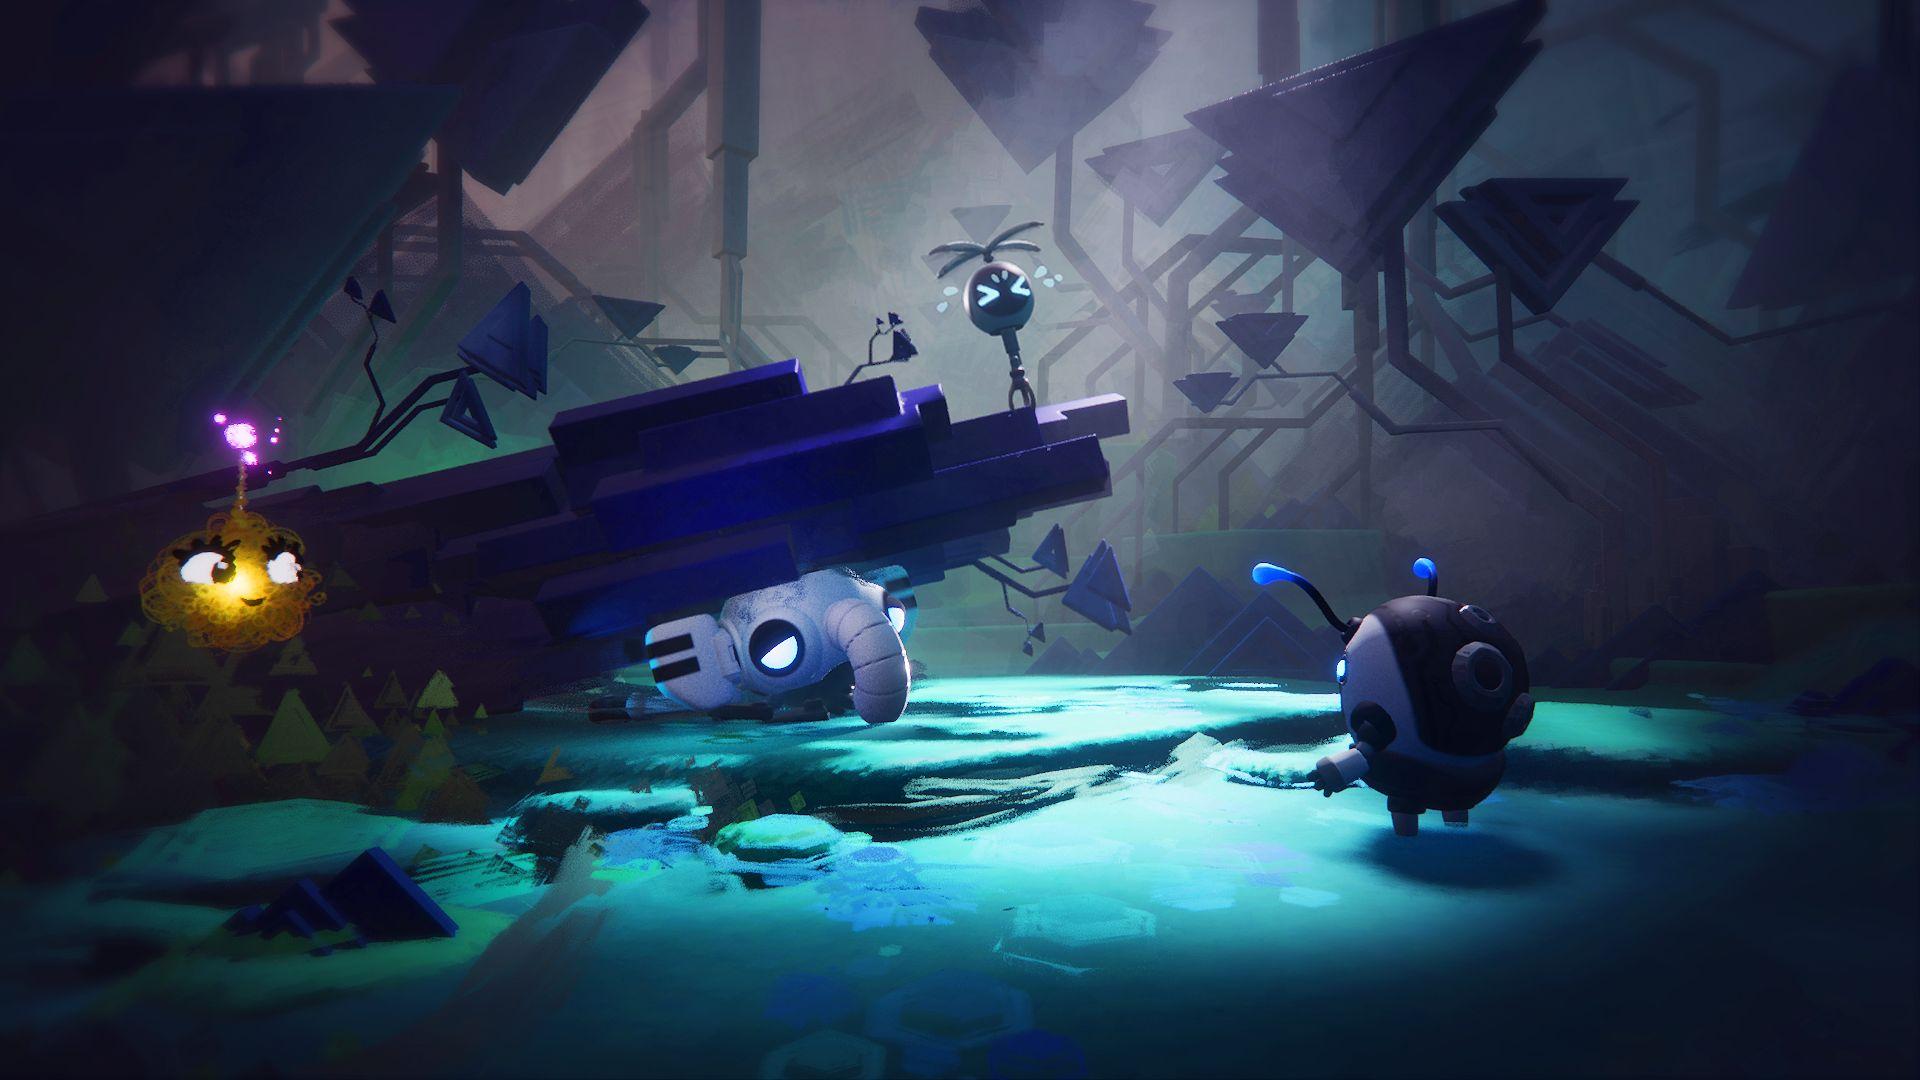 Британский магазин объявил дату выхода Dreams от авторов LittleBigPlanet